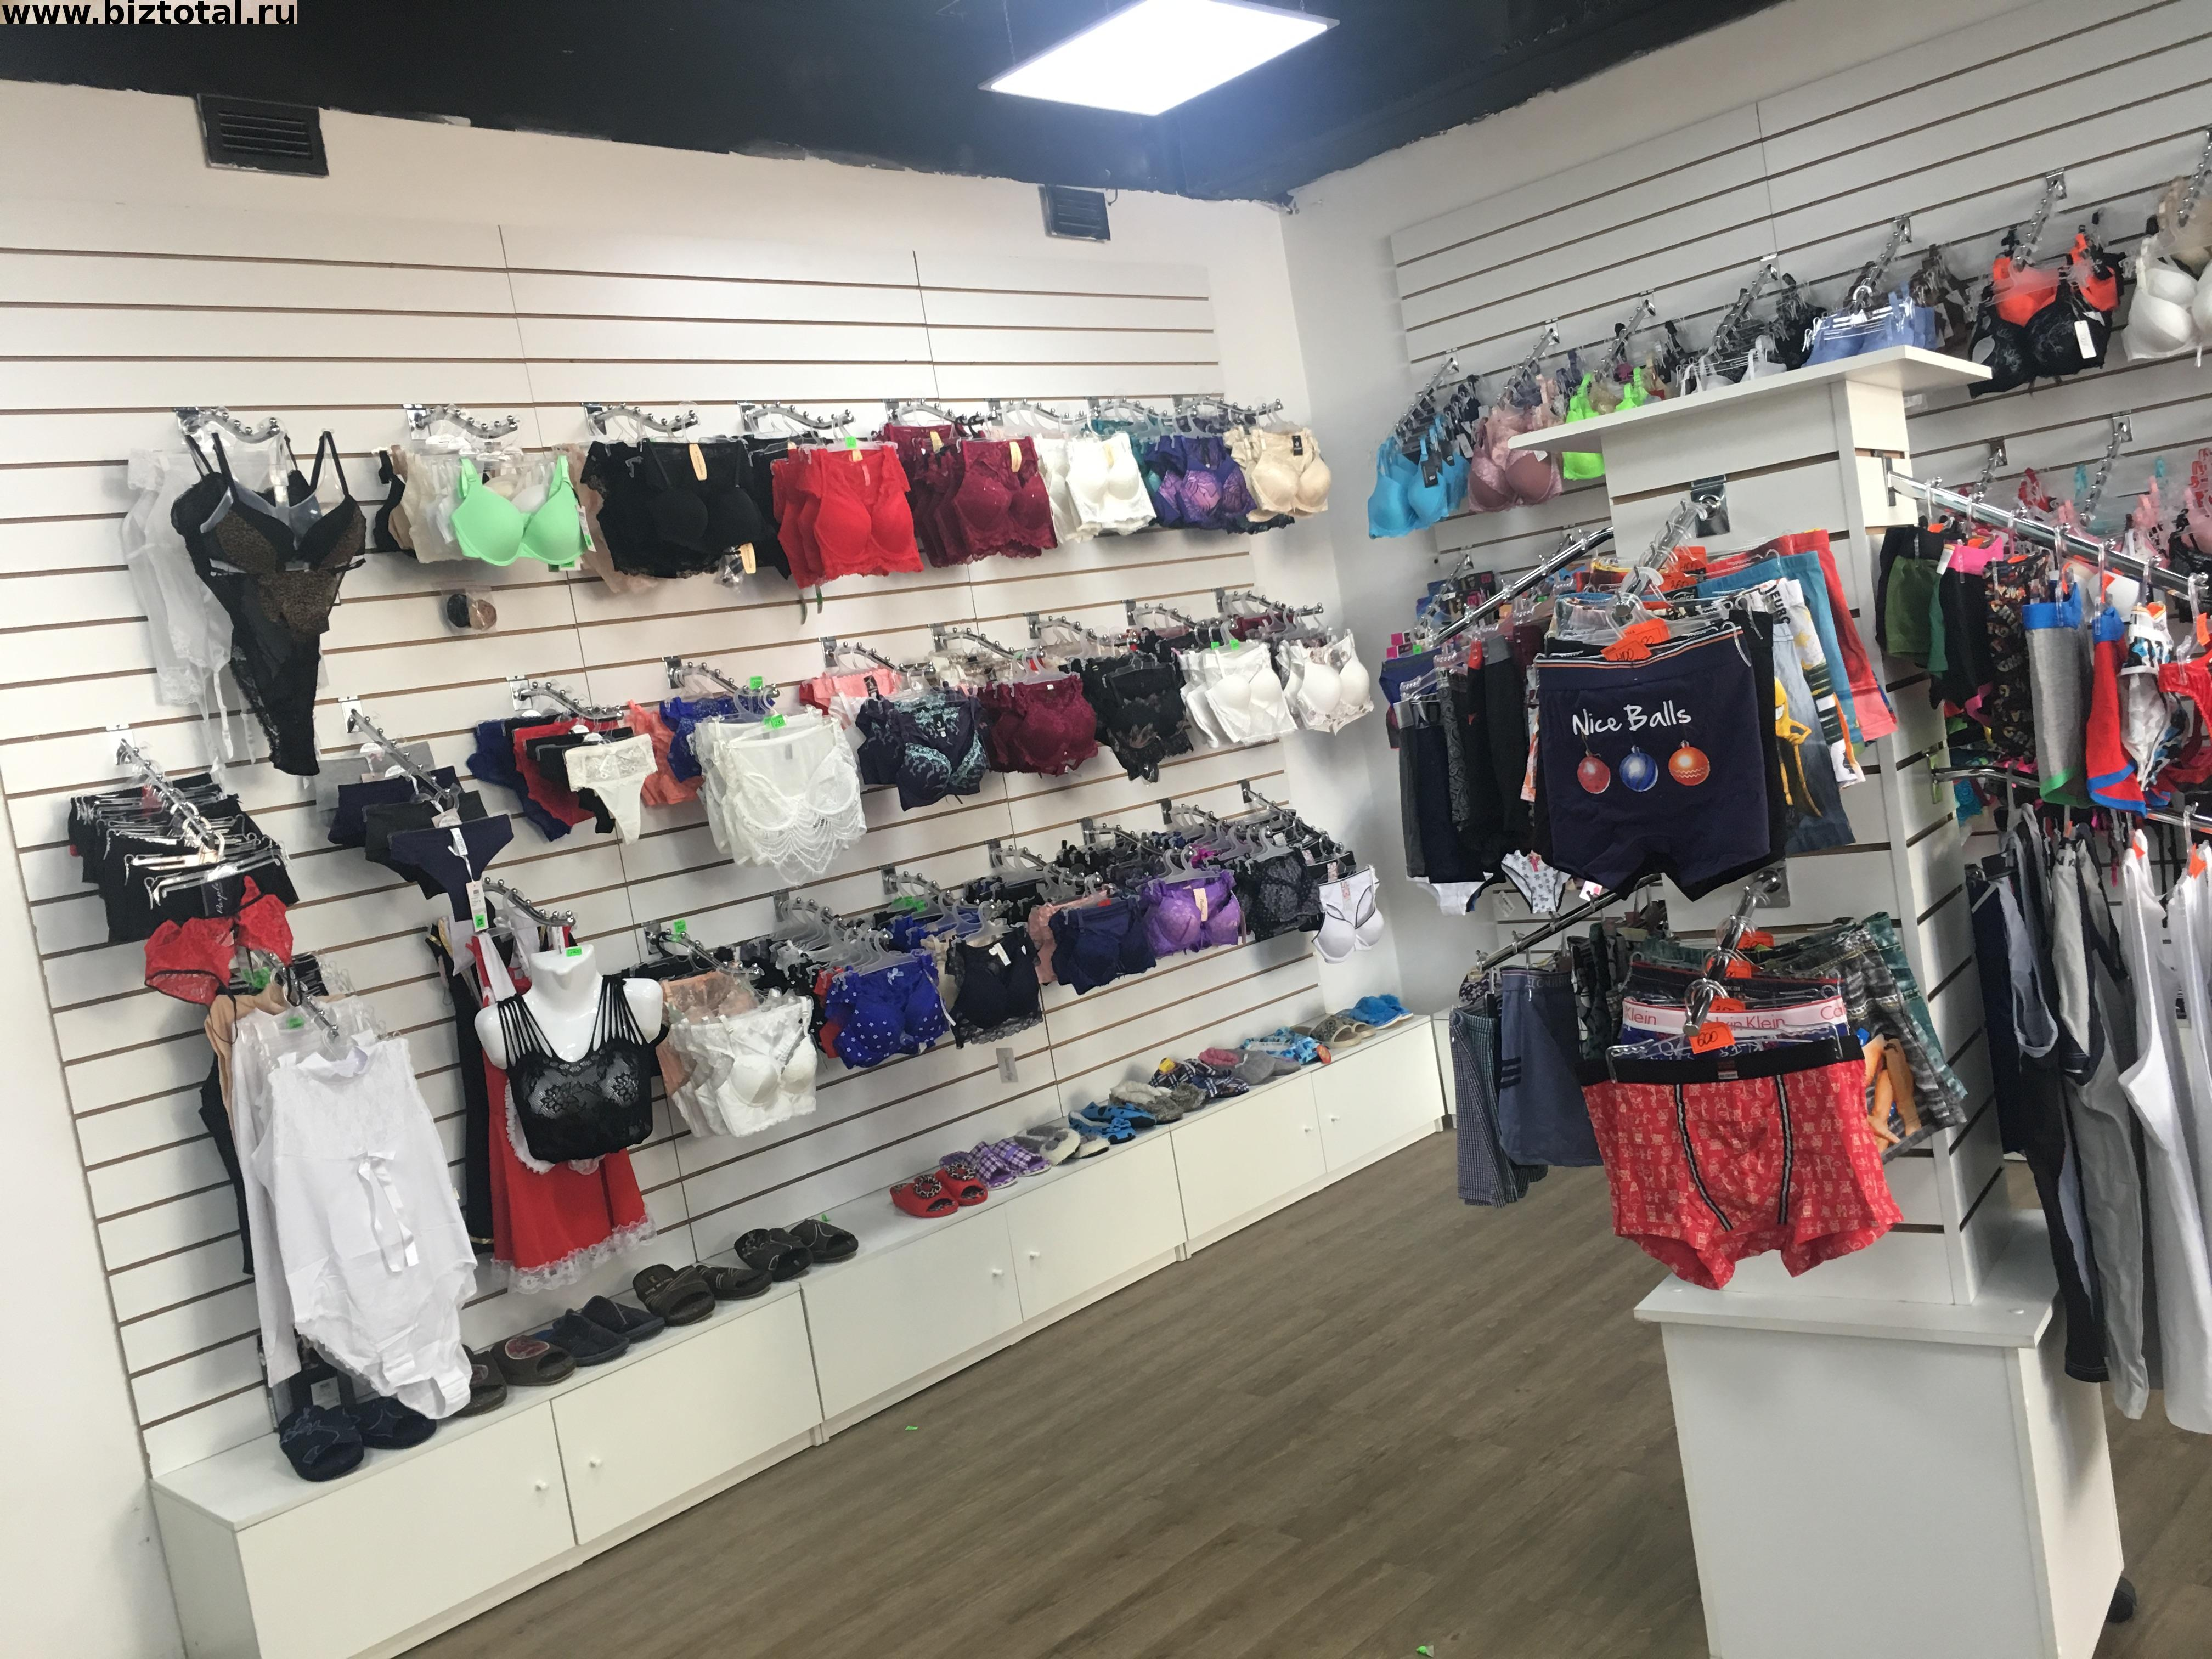 bb83881e99ec Продажа бизнеса: Магазин нижнего белья